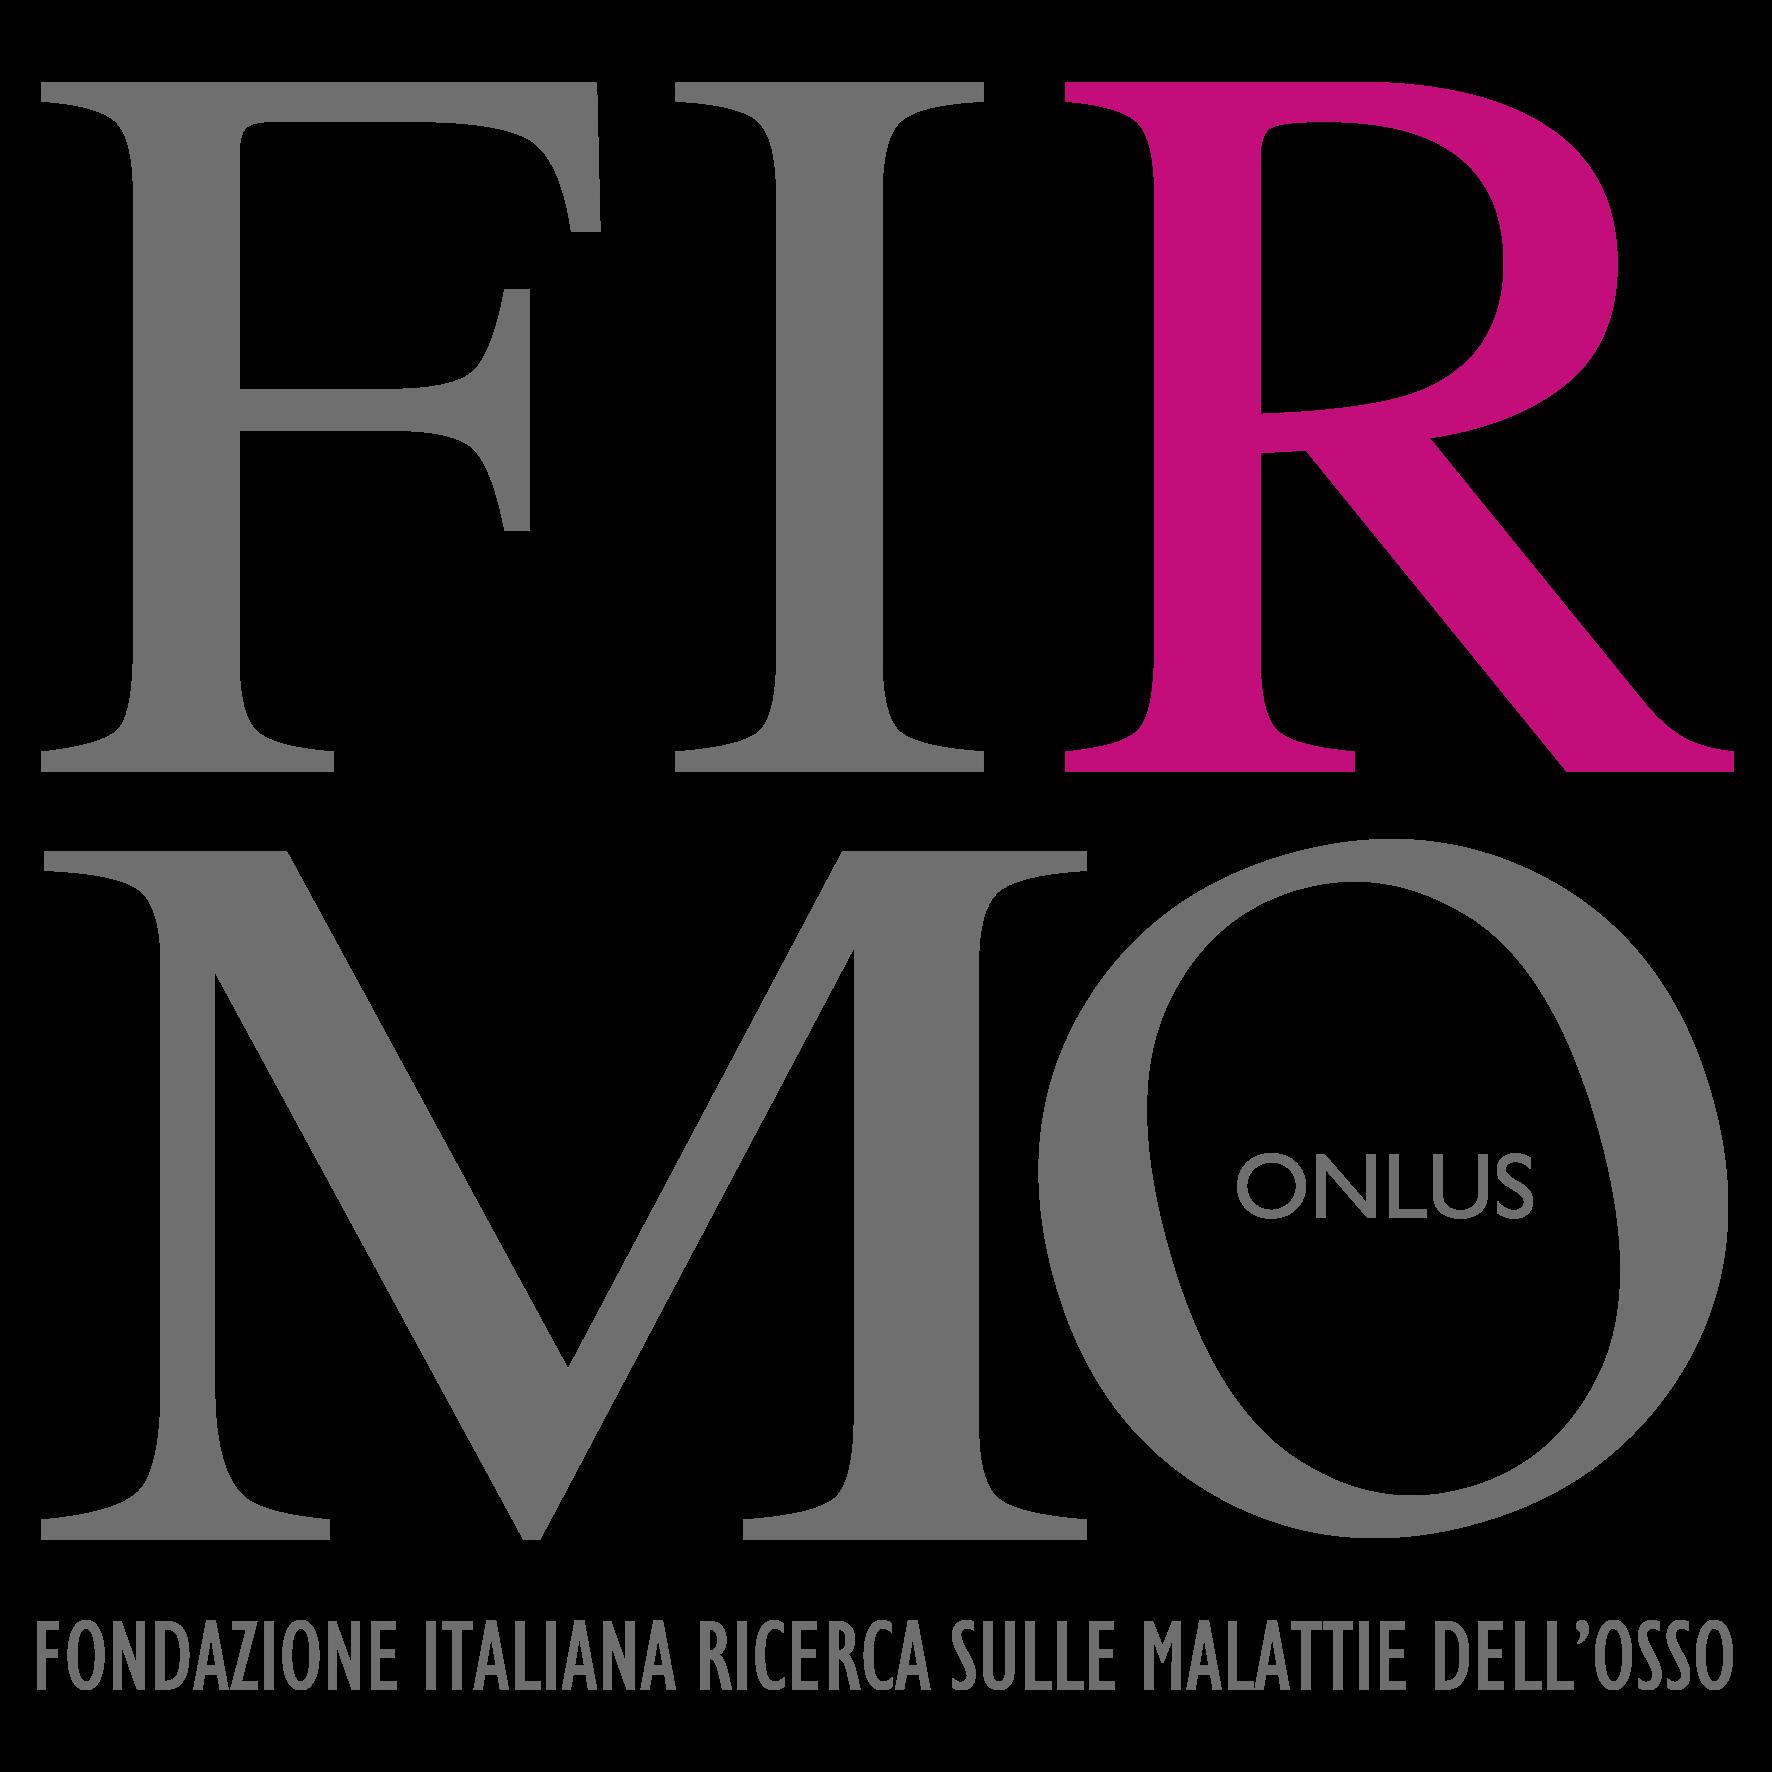 Fondazione Italiana Ricerca sulle Malattie dell'Osso